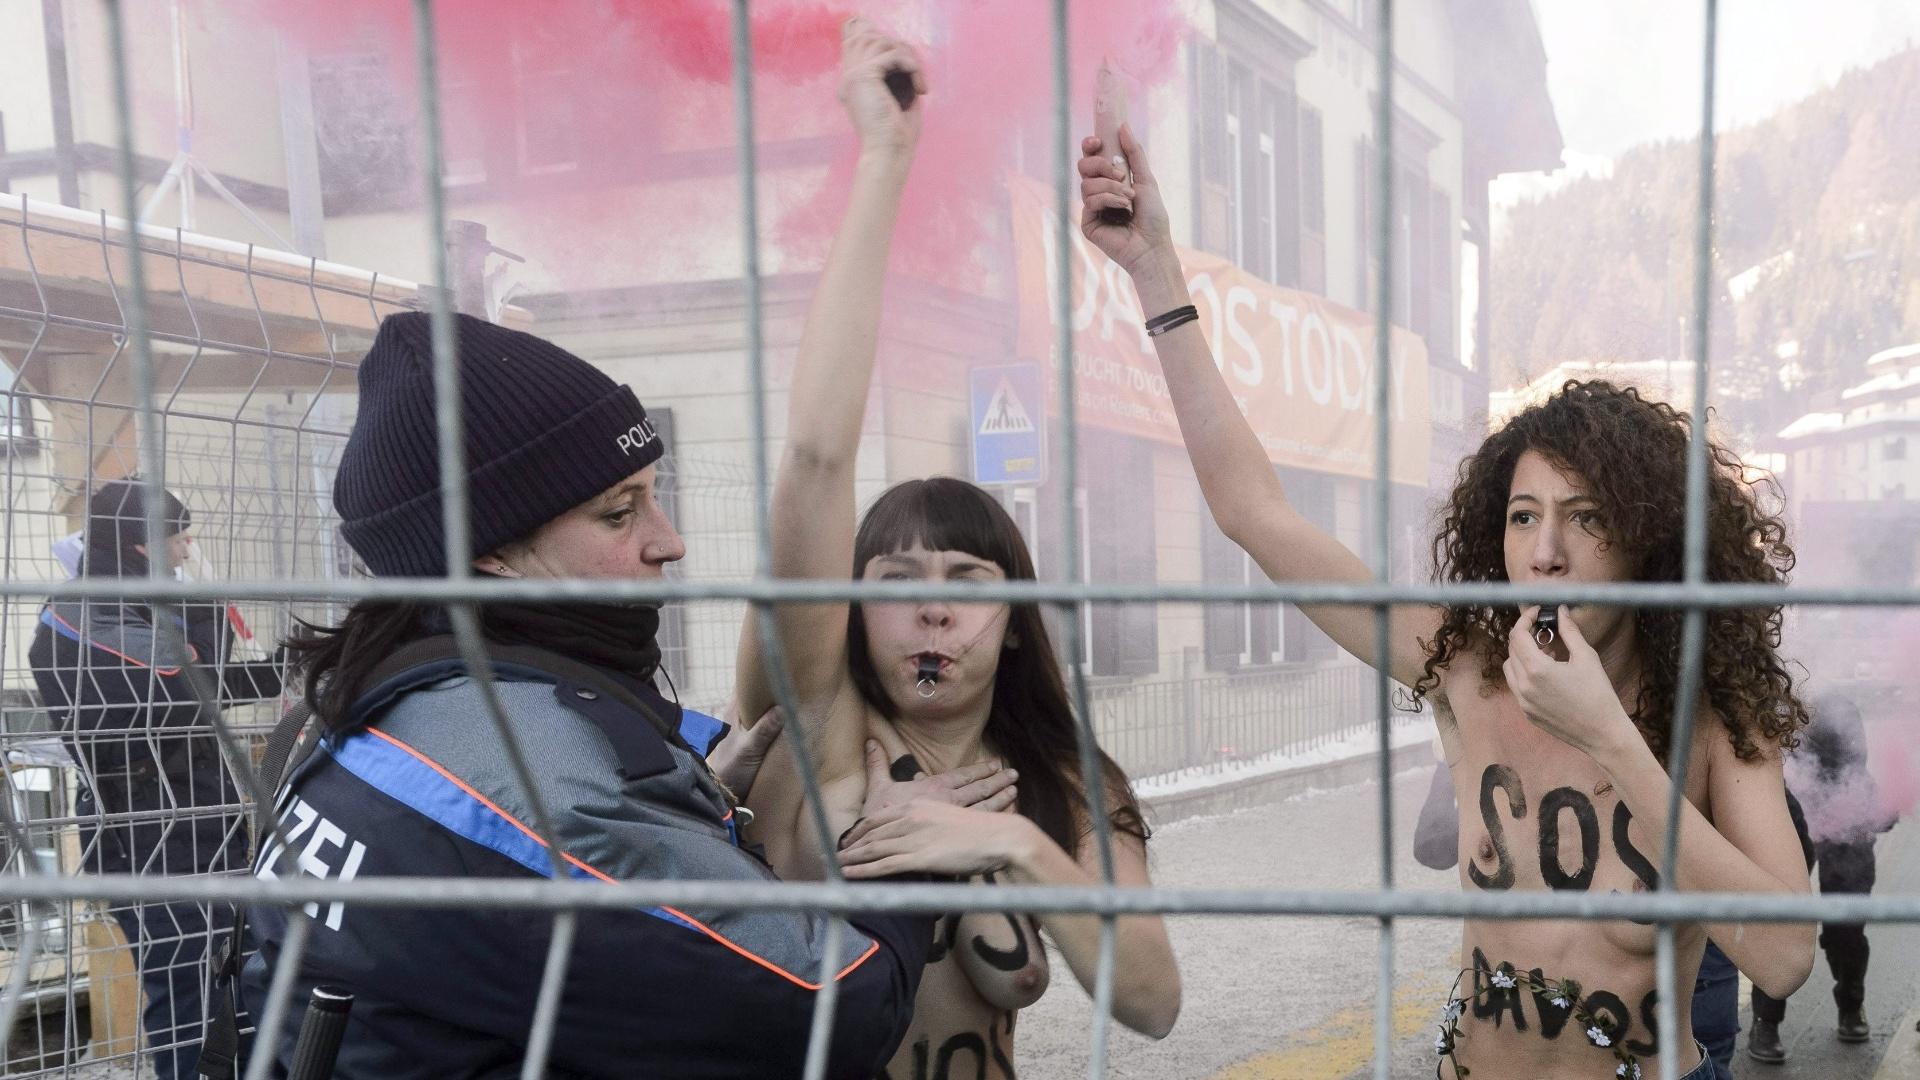 26.jan.2013 - Ativistas do Femen protestam em Davos, na Suíça